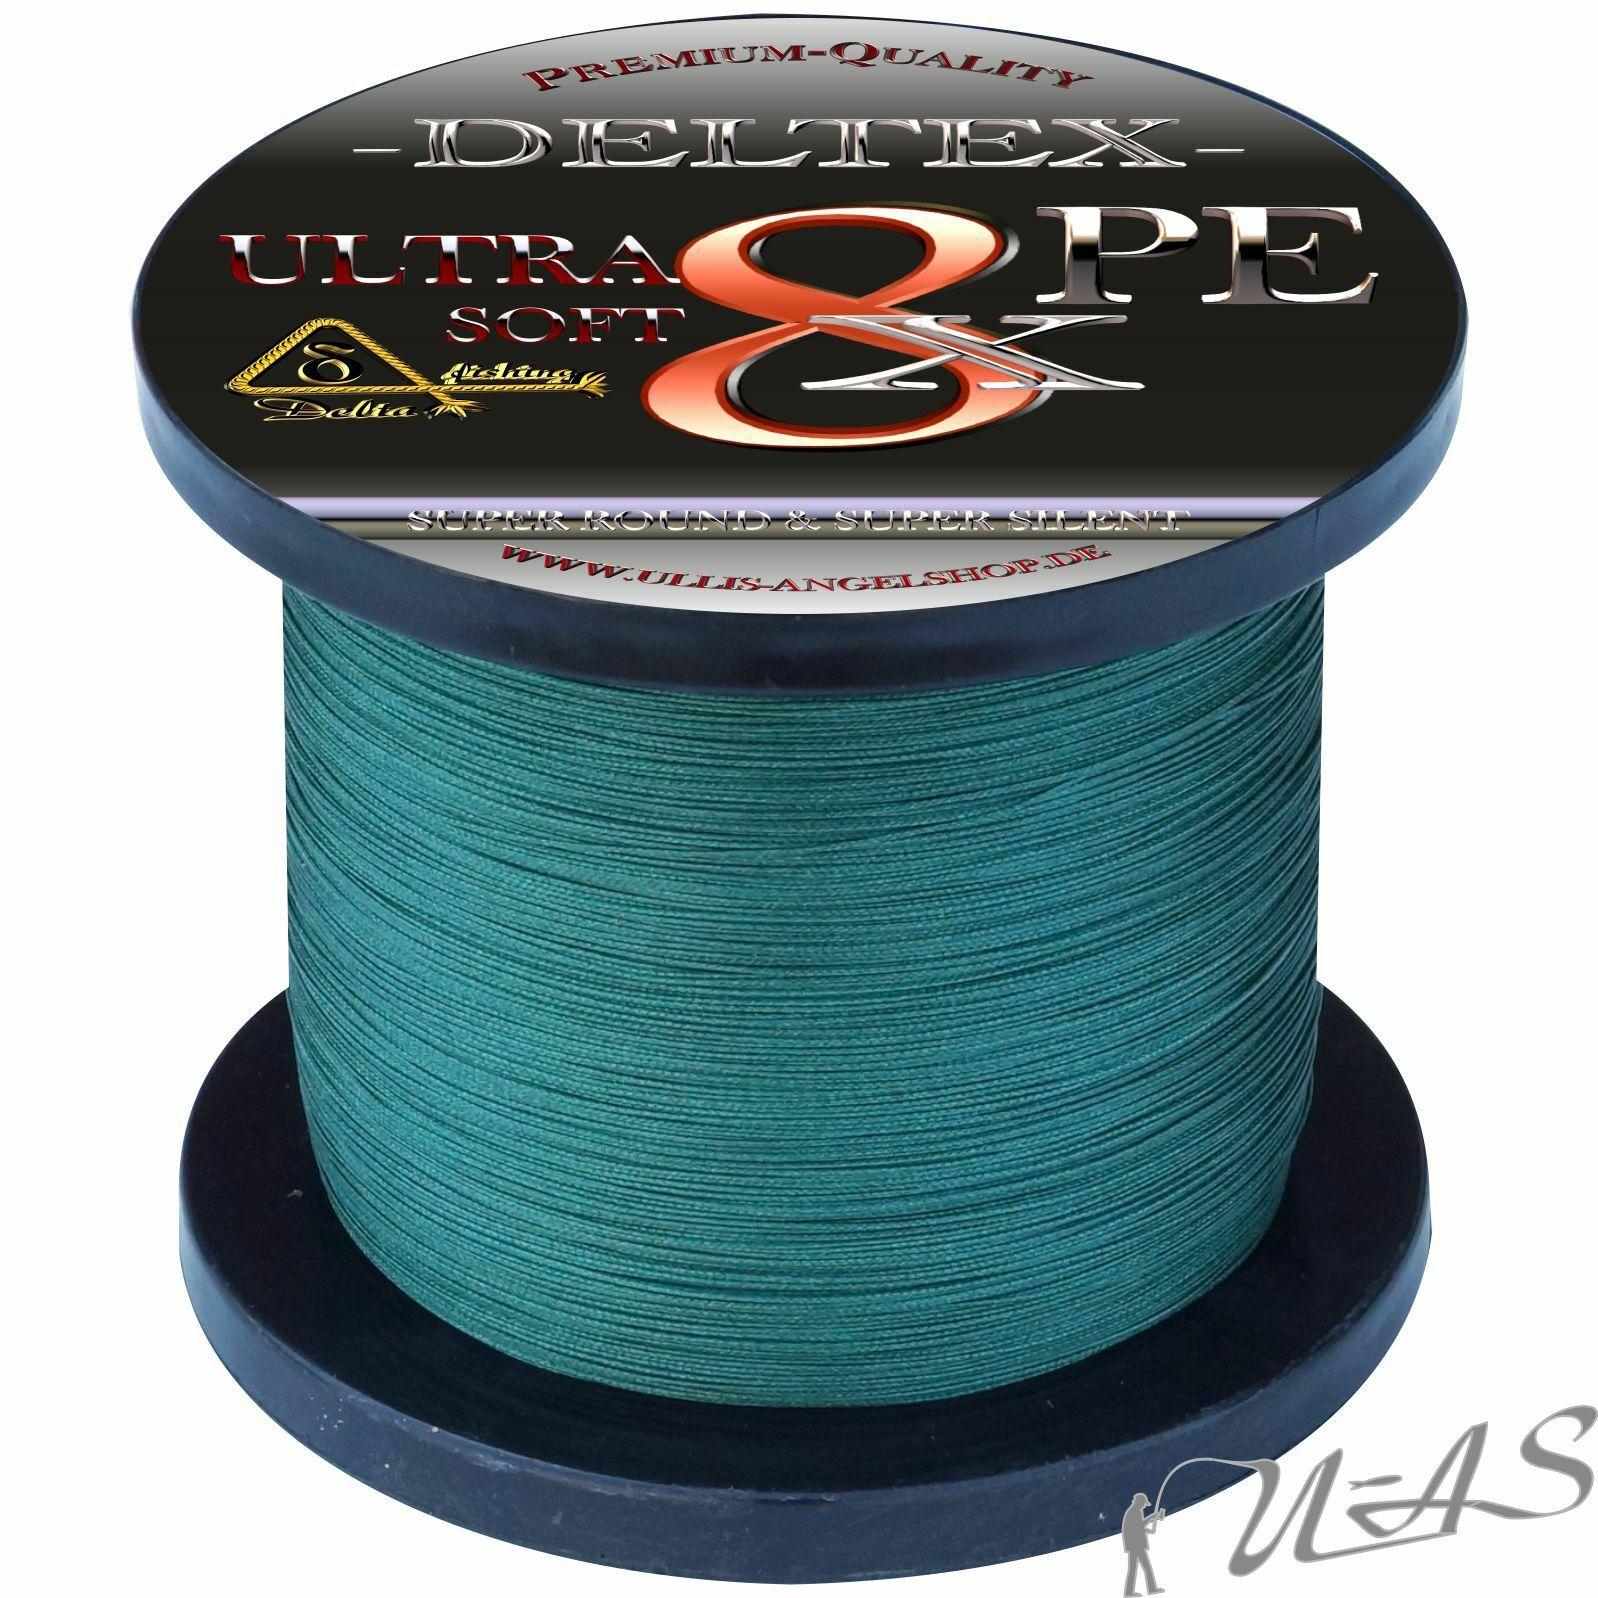 Deltex Ultra Soft verde 0,18mm 12.0kg 1000m 8 volte intrecciato lenza KVA